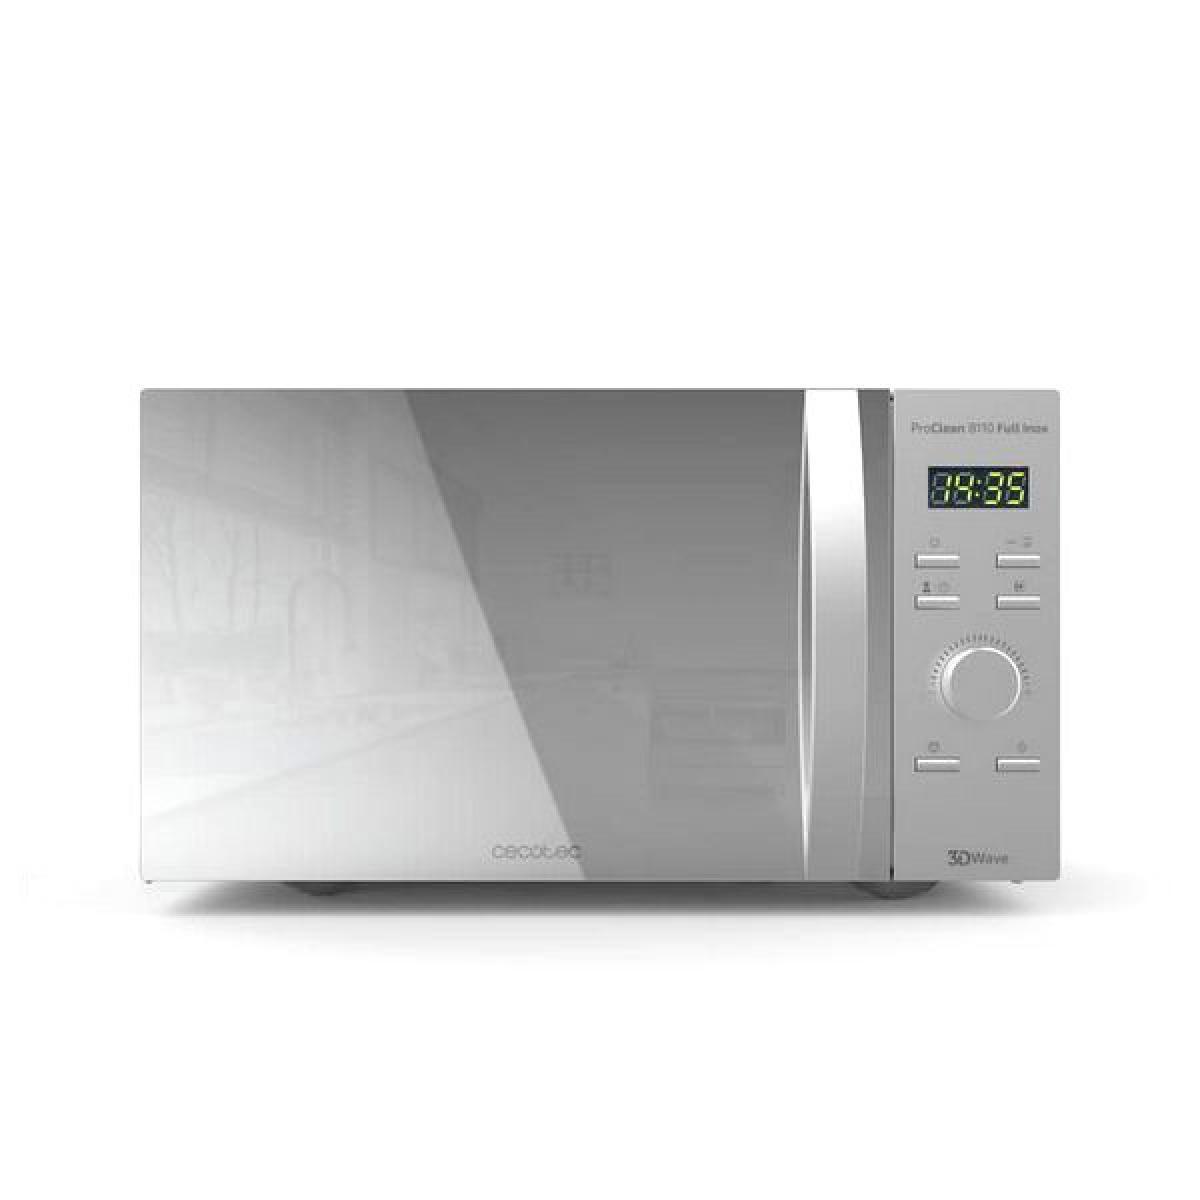 Totalcadeau Micro-ondes avec grill intégré Plateau tournant